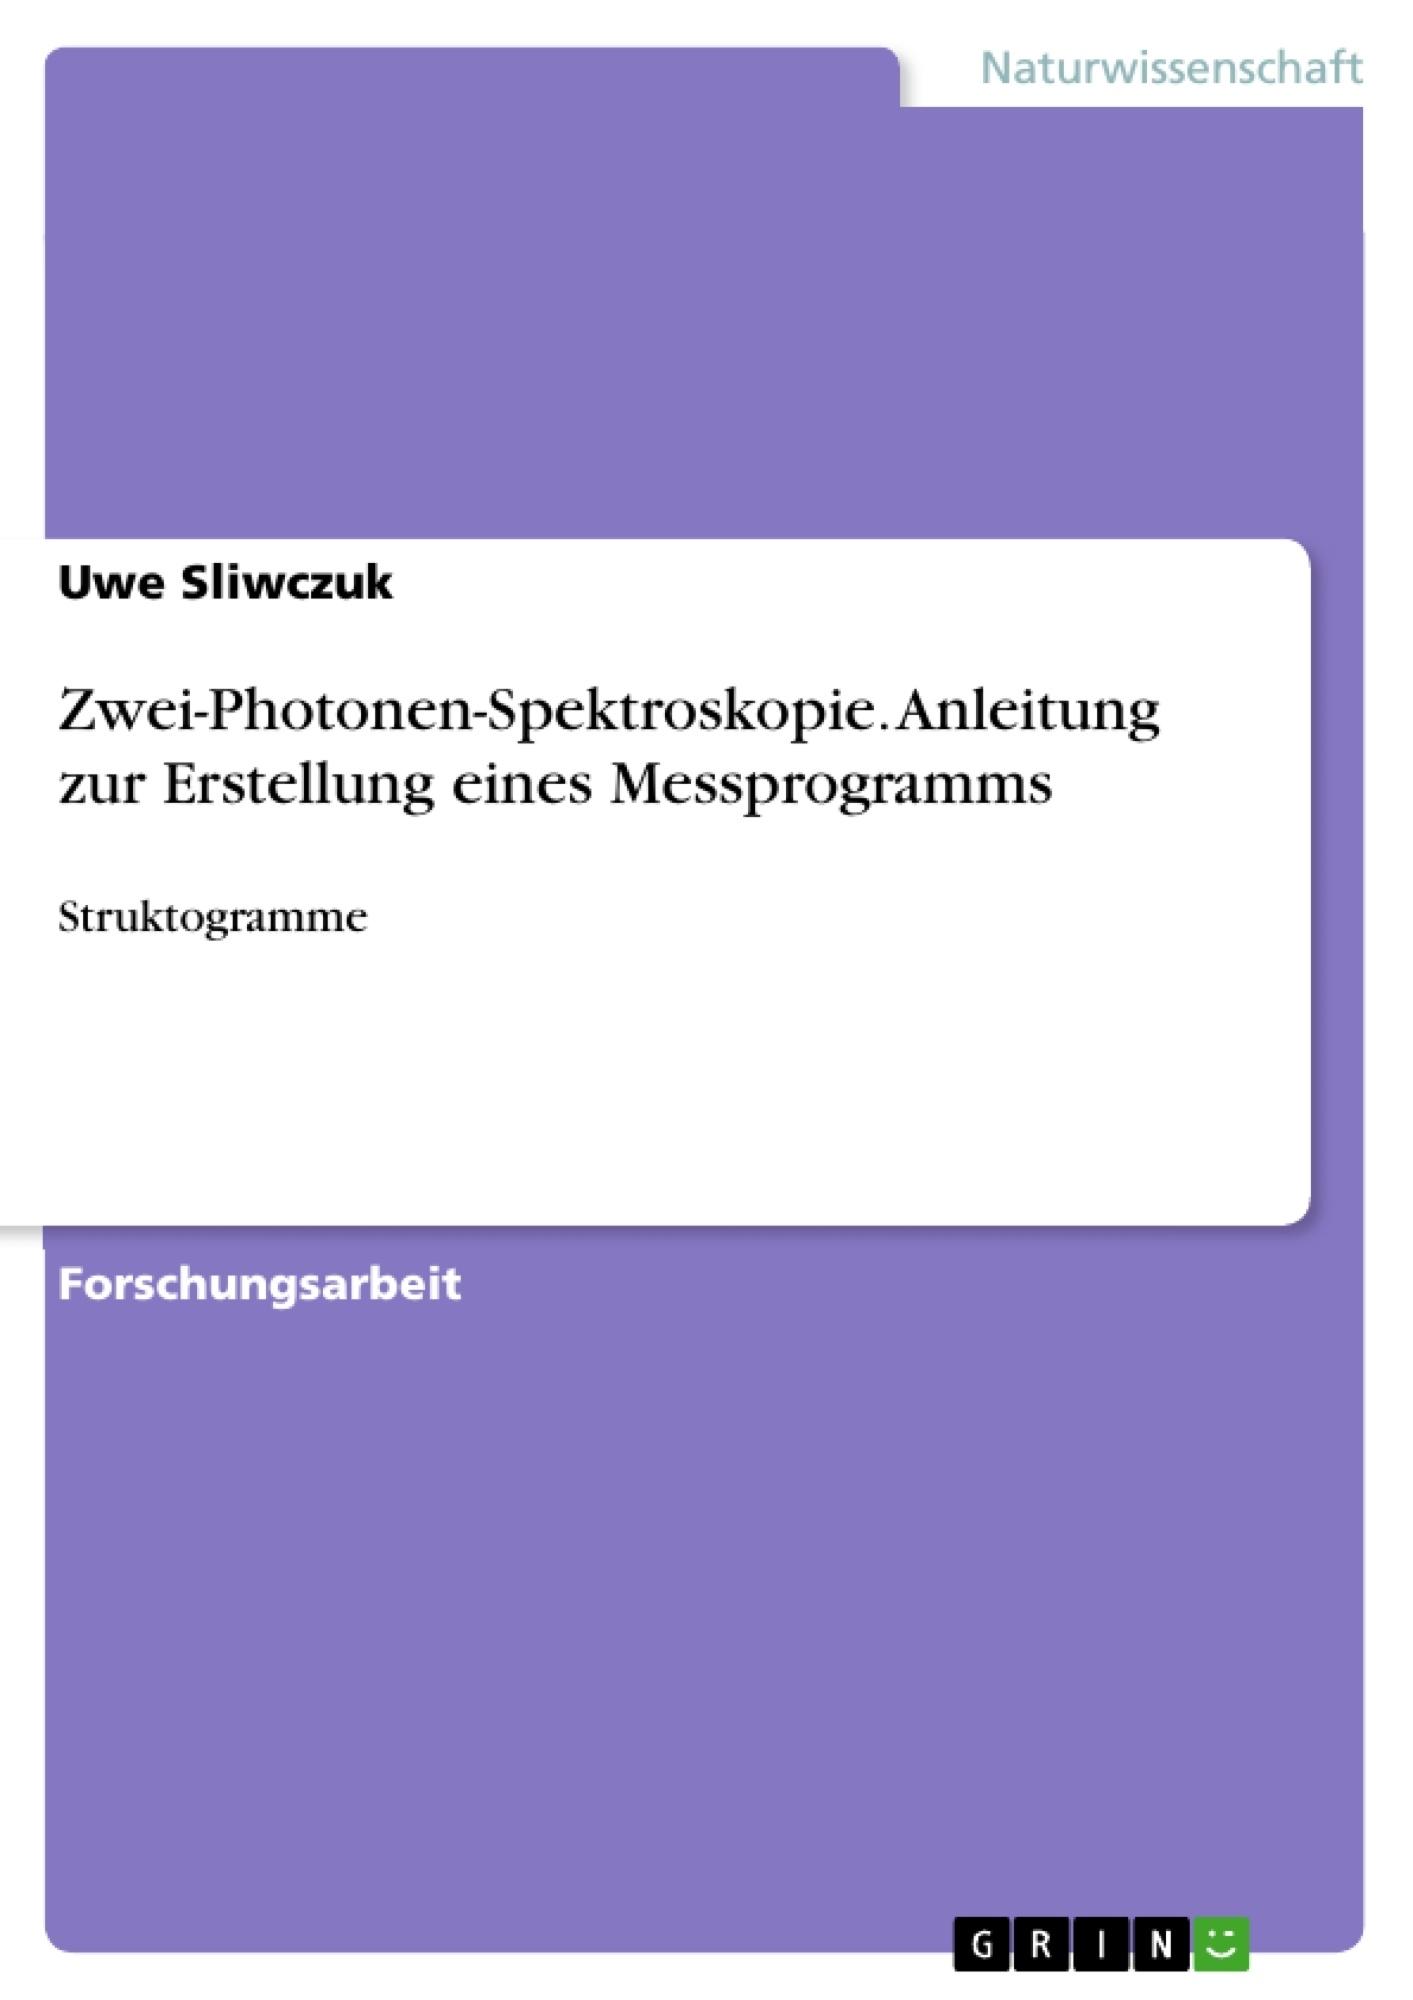 Titel: Zwei-Photonen-Spektroskopie. Anleitung zur Erstellung eines Messprogramms